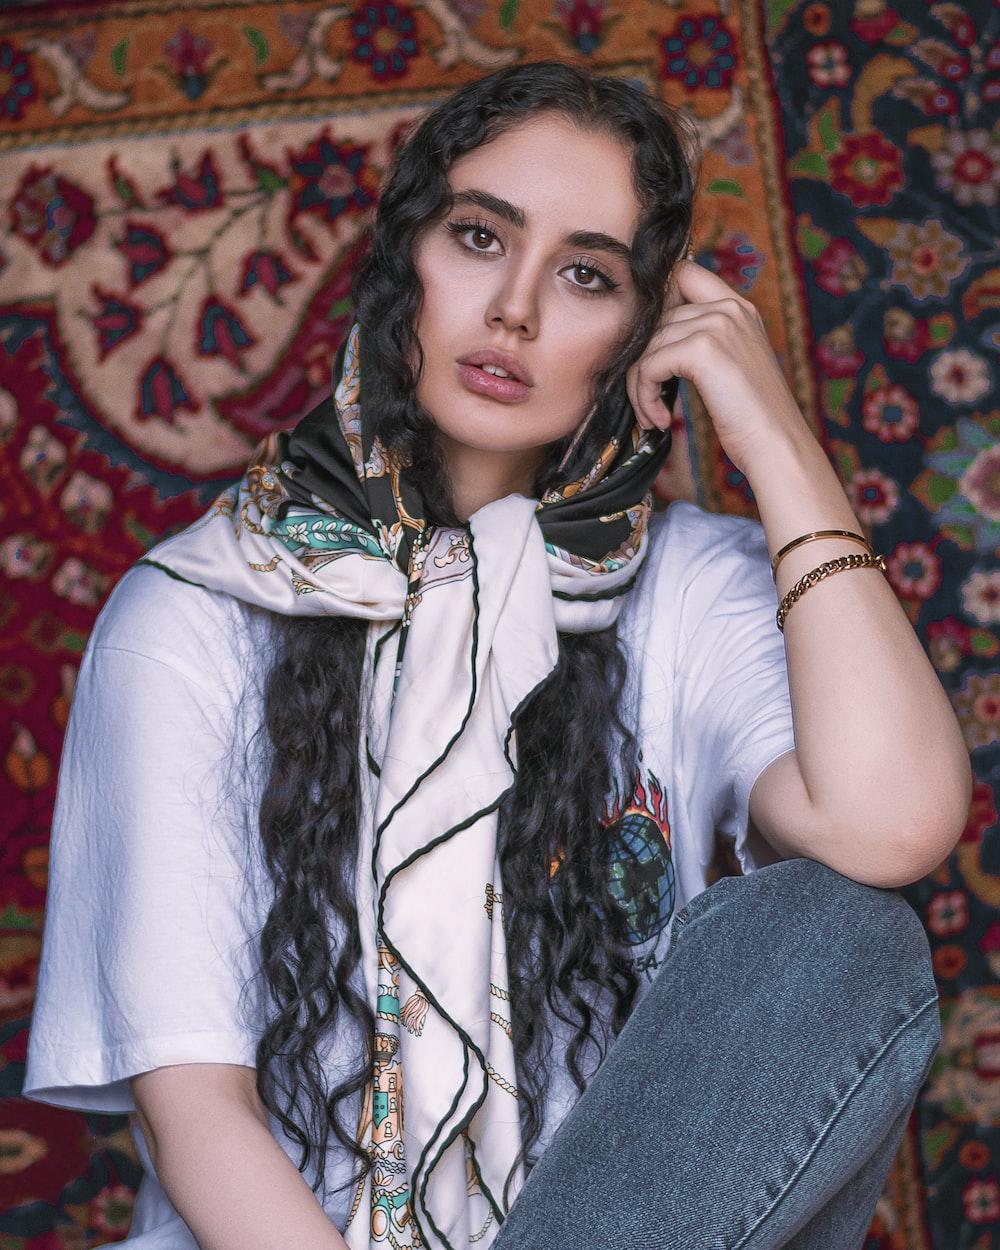 Iran sexi Hot Iranian